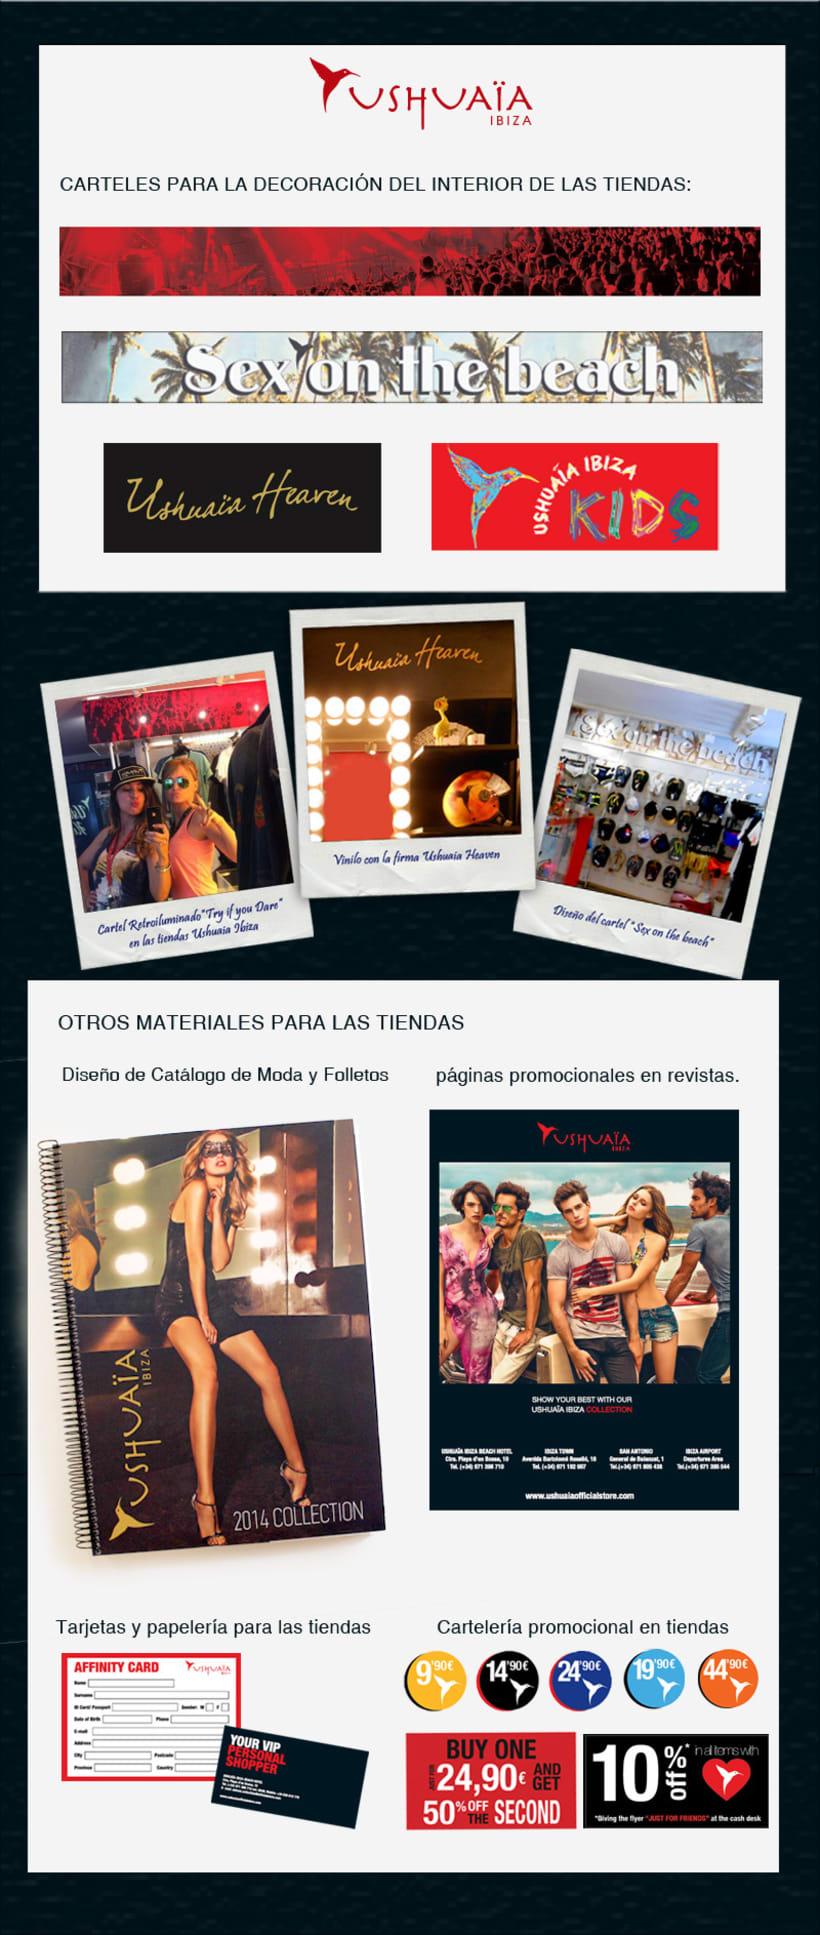 Diseño gráfico y cartelería para las tiendas Ushuaia Official Store y gestión con Proveedores 1